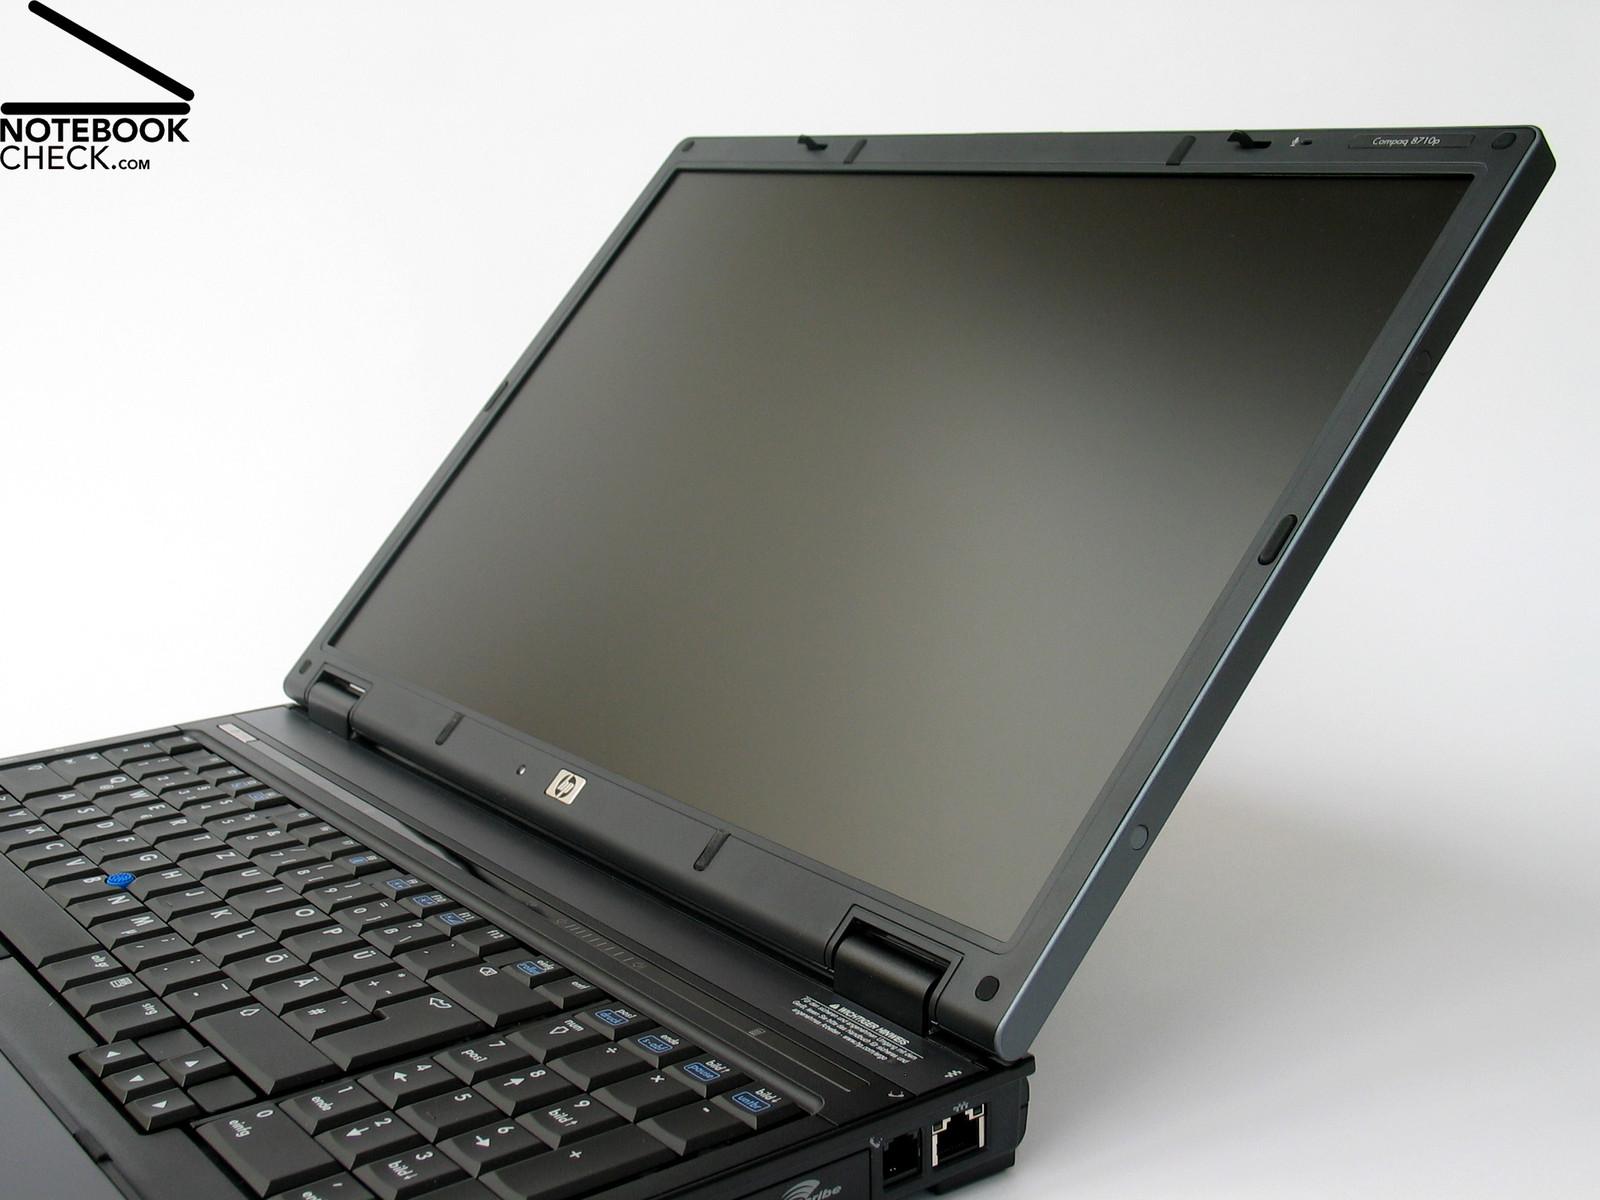 HP Compaq nx9420 Notebook Fujitsu HDD Last